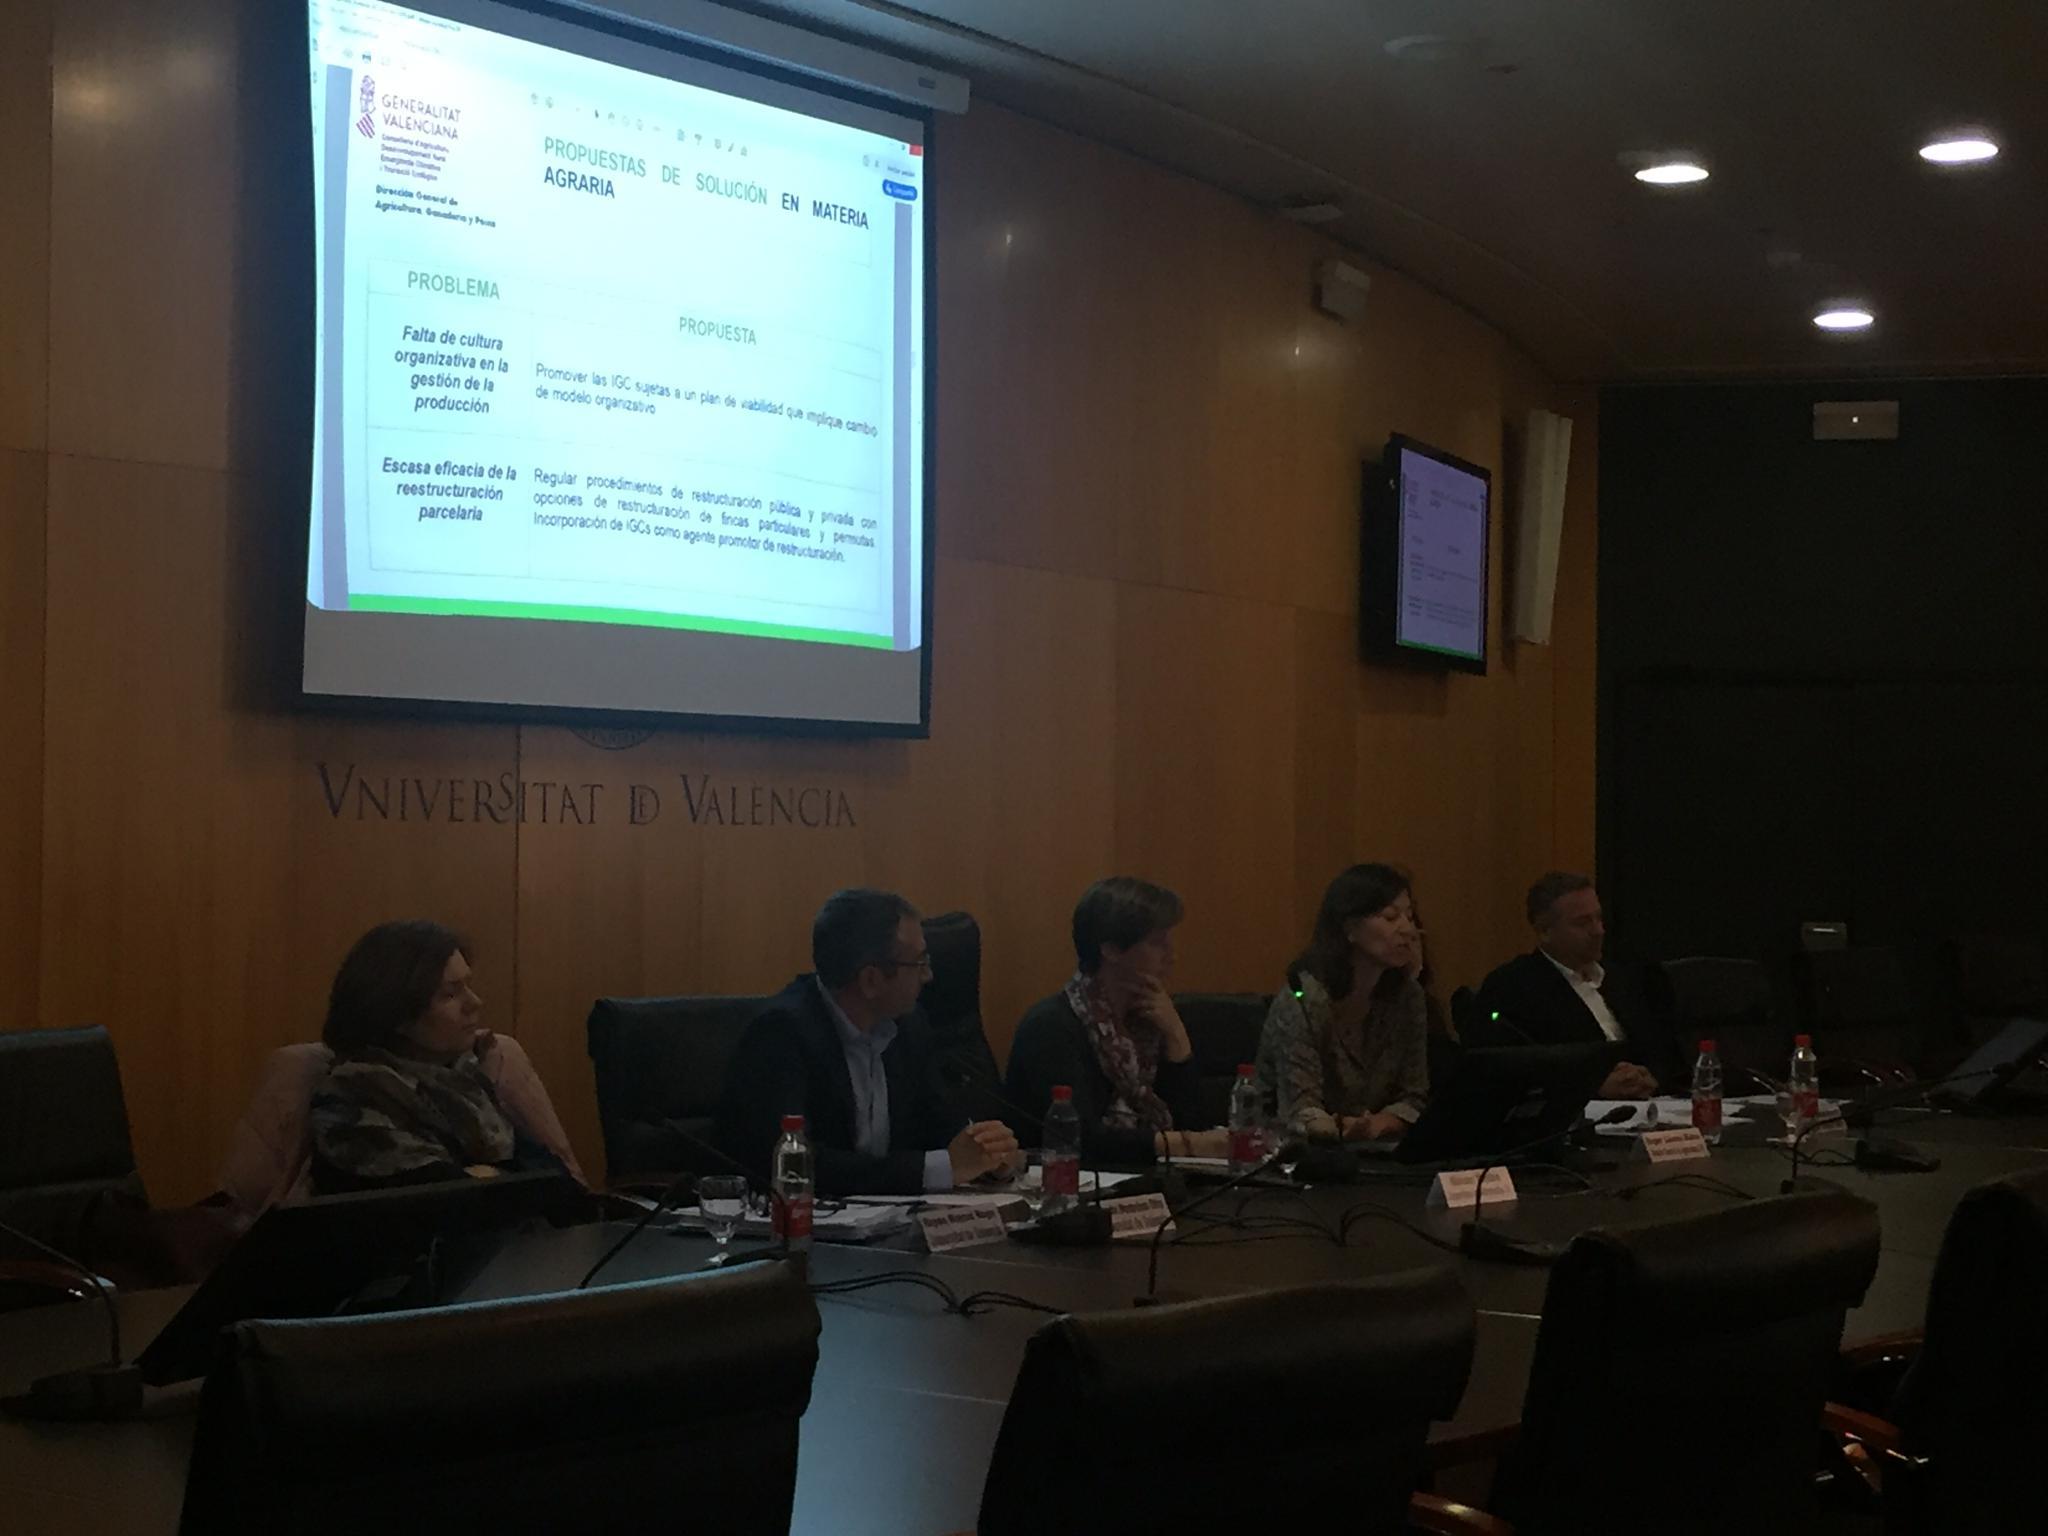 """Jornadas """"Transformación digital y Economía colaborativa: oportunidades para el emprendimiento social en el ámbito local"""" - imatge 0"""